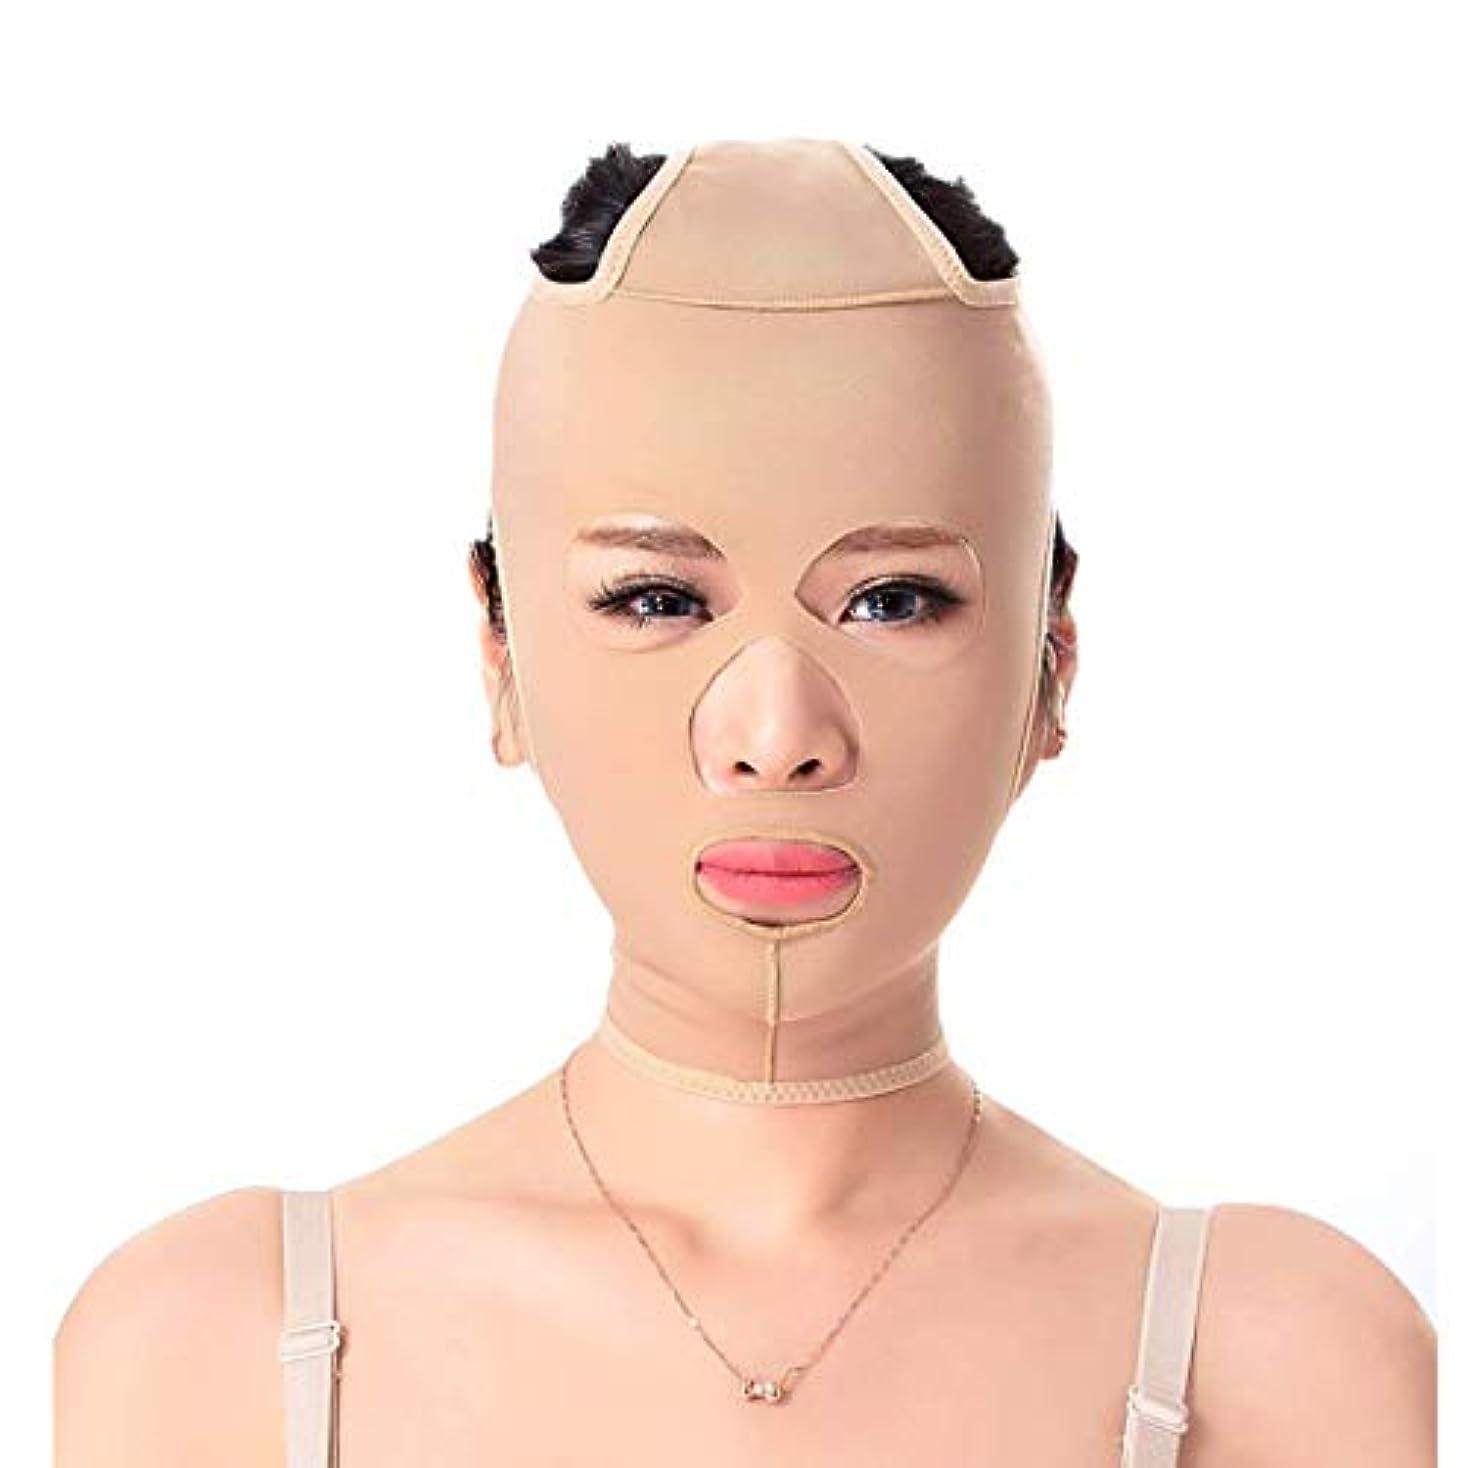 も付き添い人最後にスリミングベルト、二重あごの引き締め顔面プラスチック顔アーティファクト強力な顔の包帯を脇に持ち上げるパターンを欺くためのフェイシャルマスク薄いフェイスマスク(サイズ:XXL),Xl